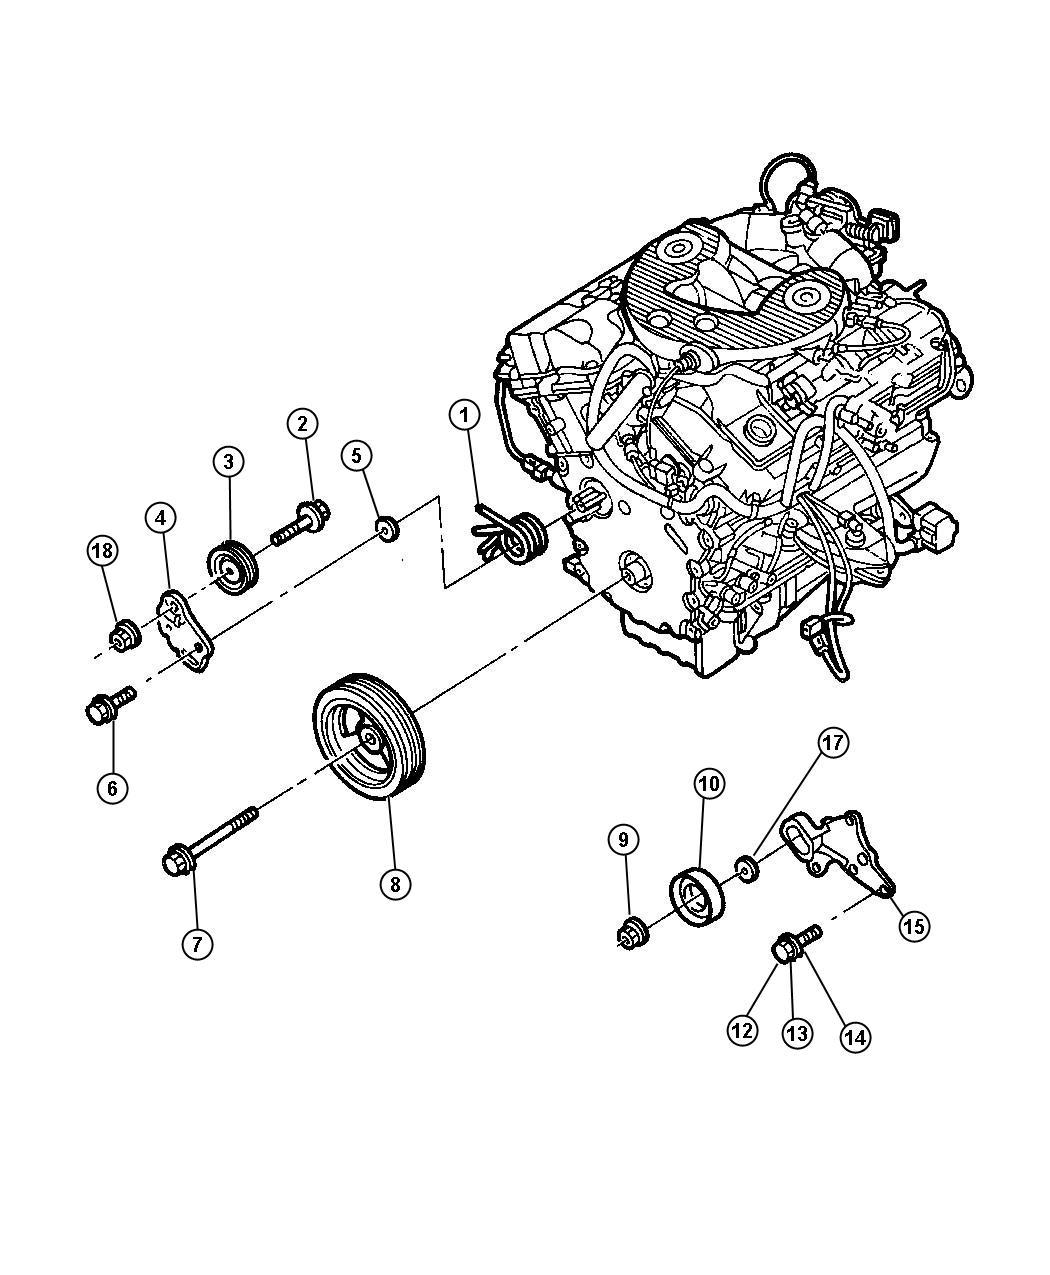 2002 Chrysler Concorde Pulley. Power steering pump